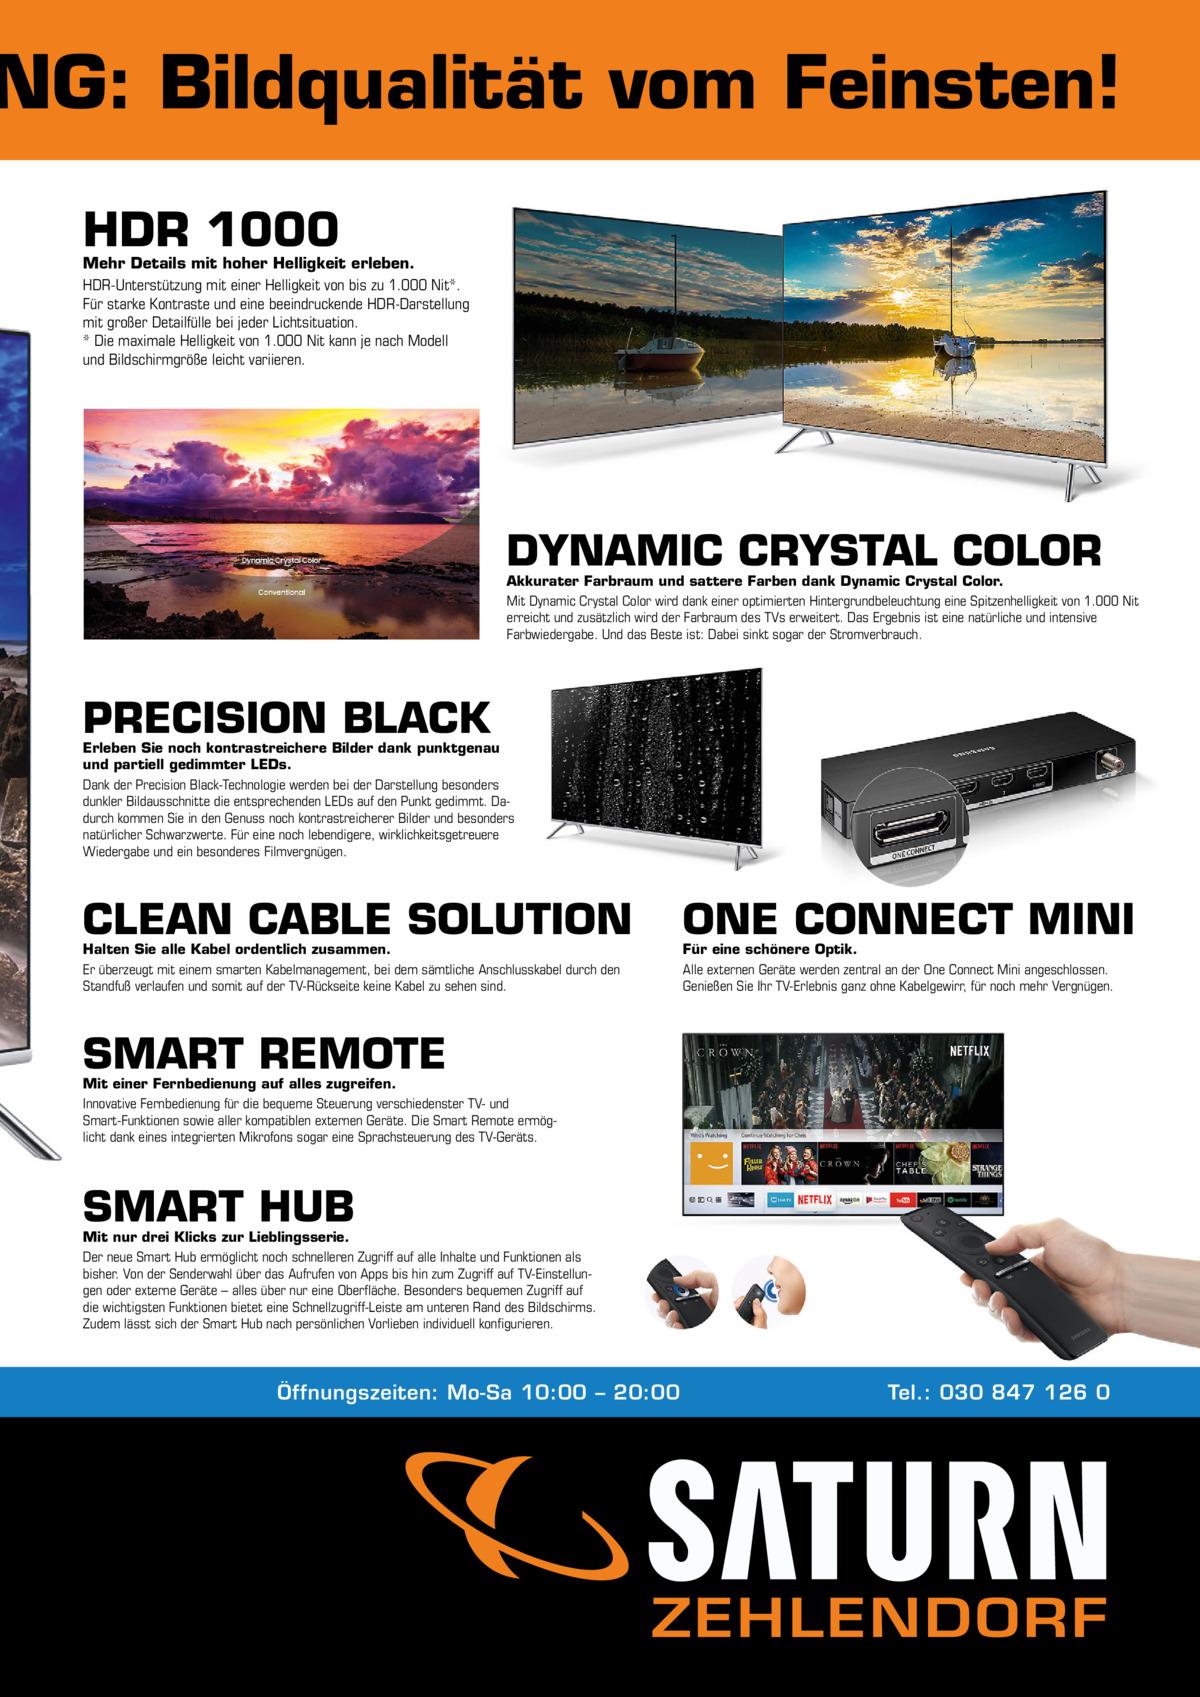 NG: Bildqualität vom Feinsten! HDR 1000  Mehr Details mit hoher Helligkeit erleben. HDR-Unterstützung mit einer Helligkeit von bis zu 1.000 Nit*. Für starke Kontraste und eine beeindruckende HDR-Darstellung mit großer Detailfülle bei jeder Lichtsituation. * Die maximale Helligkeit von 1.000 Nit kann je nach Modell und Bildschirmgröße leicht variieren.  DYNAMIC CRYSTAL COLOR  Akkurater Farbraum und sattere Farben dank Dynamic Crystal Color. Mit Dynamic Crystal Color wird dank einer optimierten Hintergrundbeleuchtung eine Spitzenhelligkeit von 1.000Nit erreicht und zusätzlich wird der Farbraum des TVs erweitert. Das Ergebnis ist eine natürliche und intensive Farbwiedergabe. Und das Beste ist: Dabei sinkt sogar der Stromverbrauch.  PRECISION BLACK  Erleben Sie noch kontrastreichere Bilder dank punktgenau und partiell gedimmter LEDs. Dank der Precision Black-Technologie werden bei der Darstellung besonders dunkler Bildausschnitte die entsprechenden LEDs auf den Punkt gedimmt. Dadurch kommen Sie in den Genuss noch kontrastreicherer Bilder und besonders natürlicher Schwarzwerte. Für eine noch lebendigere, wirklichkeitsgetreuere Wiedergabe und ein besonderes Filmvergnügen.  CLEAN CABLE SOLUTION  ONE CONNECT MINI  Halten Sie alle Kabel ordentlich zusammen. Er überzeugt mit einem smarten Kabelmanagement, bei dem sämtliche Anschlusskabel durch den Standfuß verlaufen und somit auf der TV-Rückseite keine Kabel zu sehen sind.  Für eine schönere Optik. Alle externen Geräte werden zentral an der One Connect Mini angeschlossen. Genießen Sie Ihr TV-Erlebnis ganz ohne Kabelgewirr, für noch mehr Vergnügen.  SMART REMOTE  Mit einer Fernbedienung auf alles zugreifen. Innovative Fernbedienung für die bequeme Steuerung verschiedenster TV- und Smart-Funktionen sowie aller kompatiblen externen Geräte. Die Smart Remote ermöglicht dank eines integrierten Mikrofons sogar eine Sprachsteuerung des TV-Geräts.  SMART HUB  Mit nur drei Klicks zur Lieblingsserie. Der neue Smart Hub ermöglicht noch s